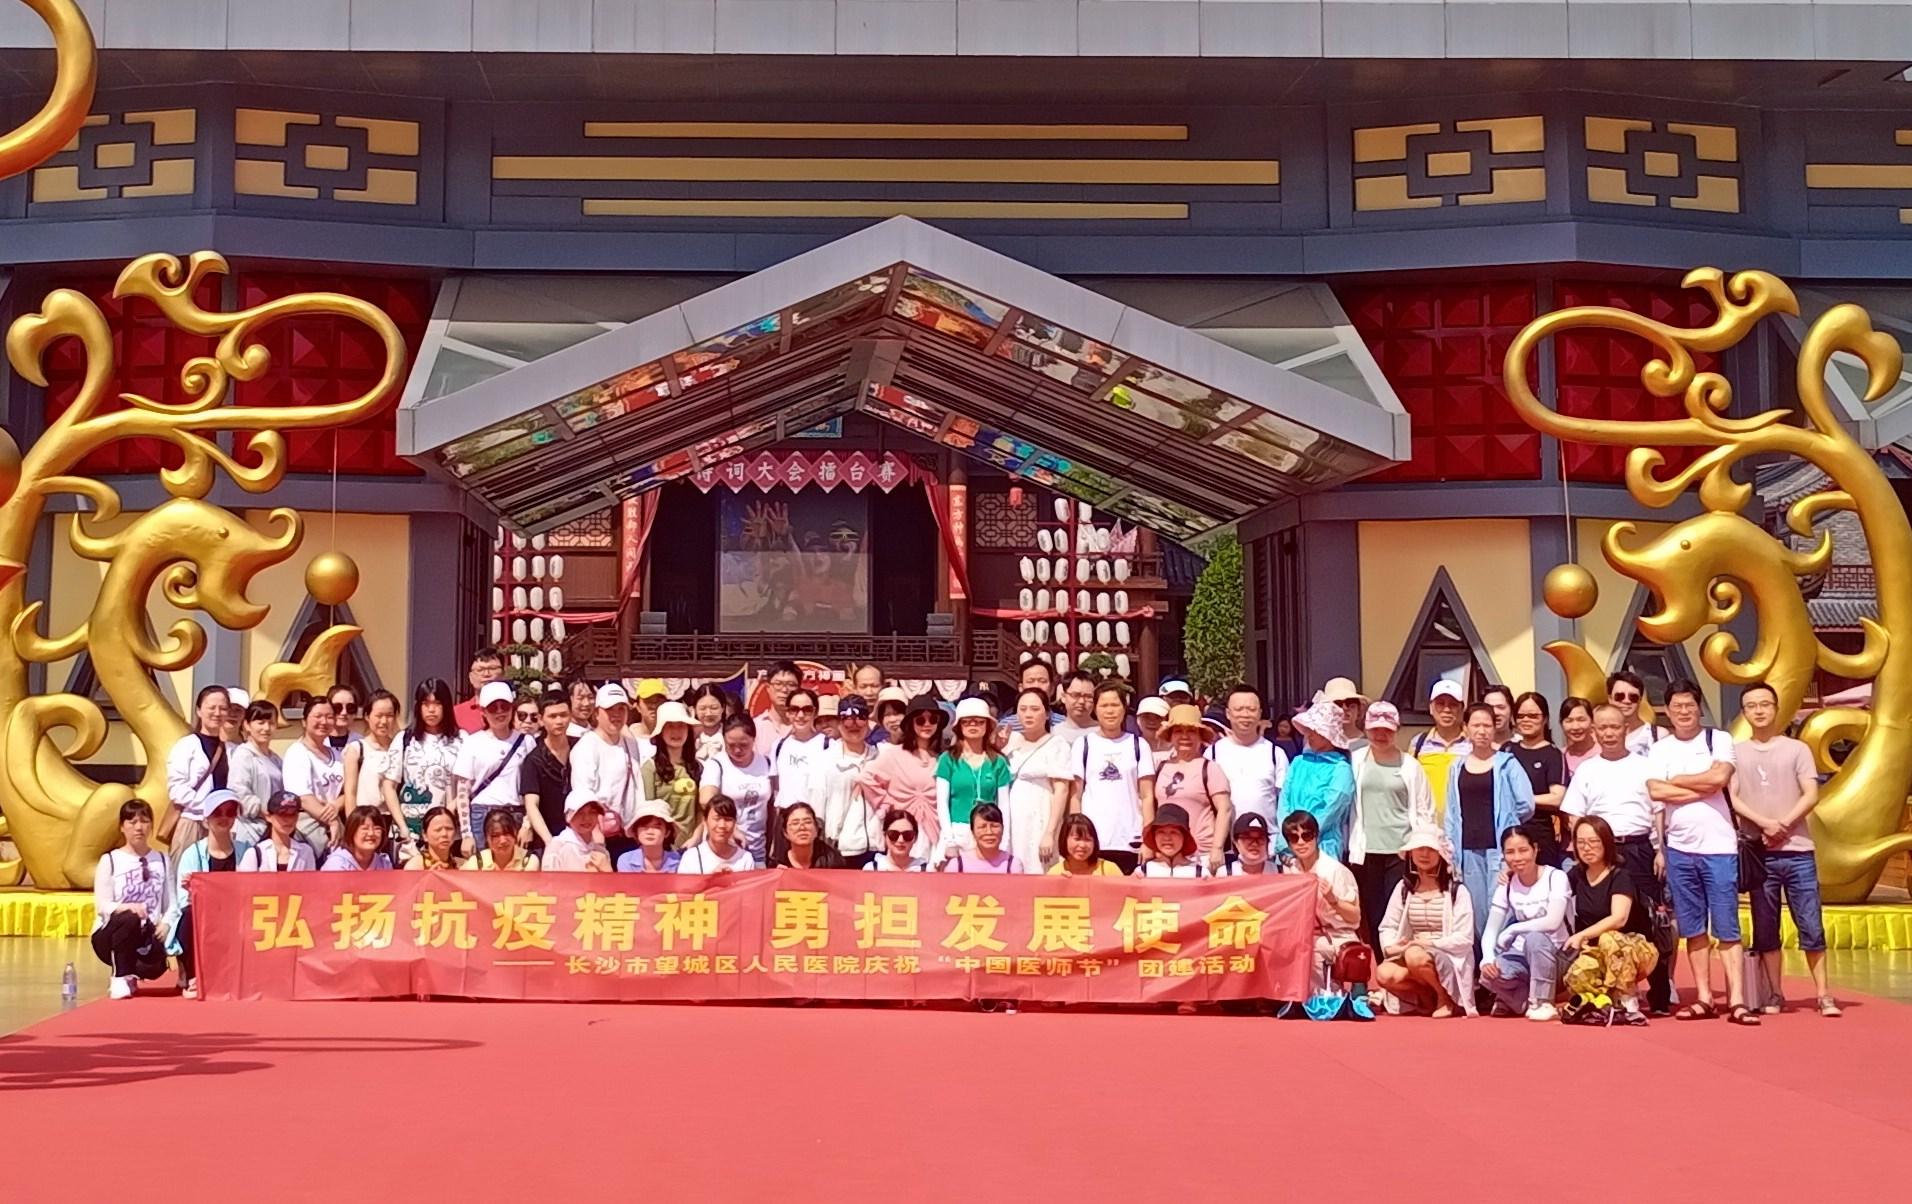 慶祝第三個中國醫師節